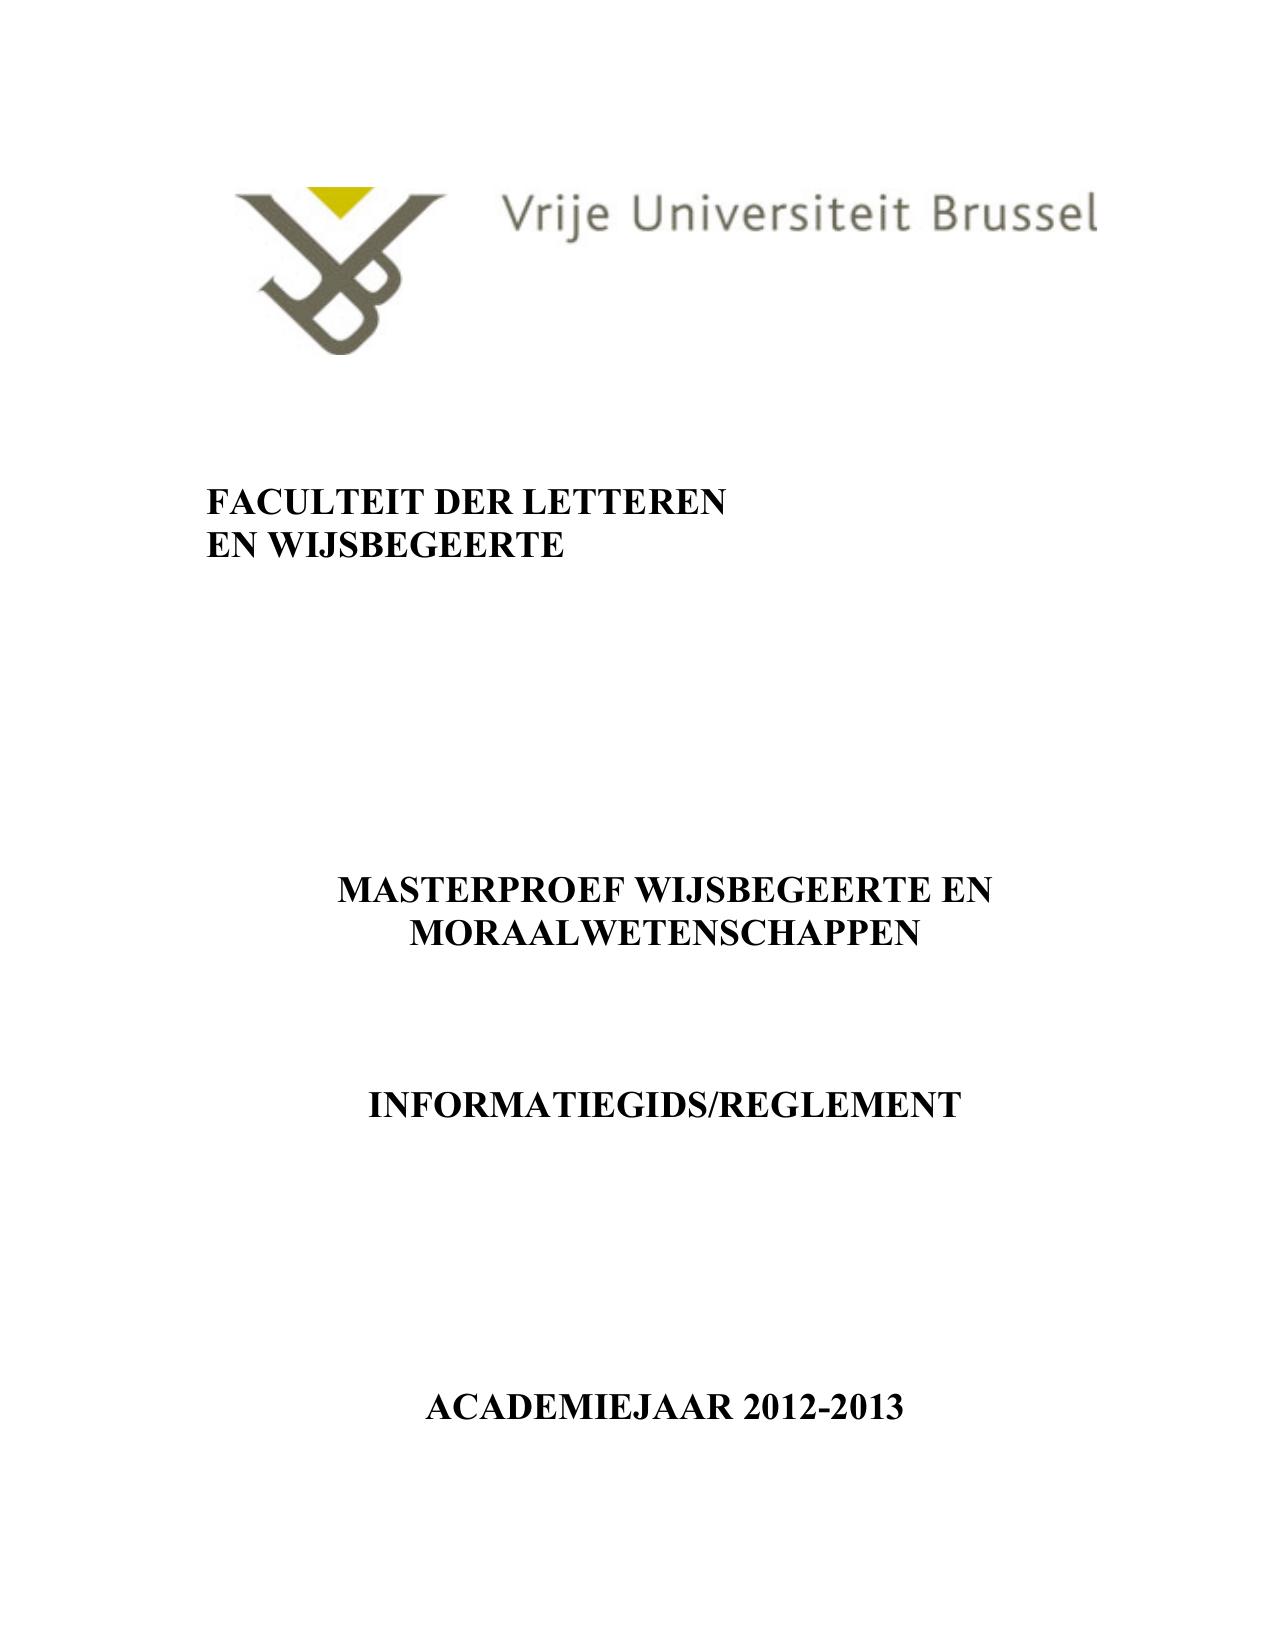 thesis ugent letteren en wijsbegeerte